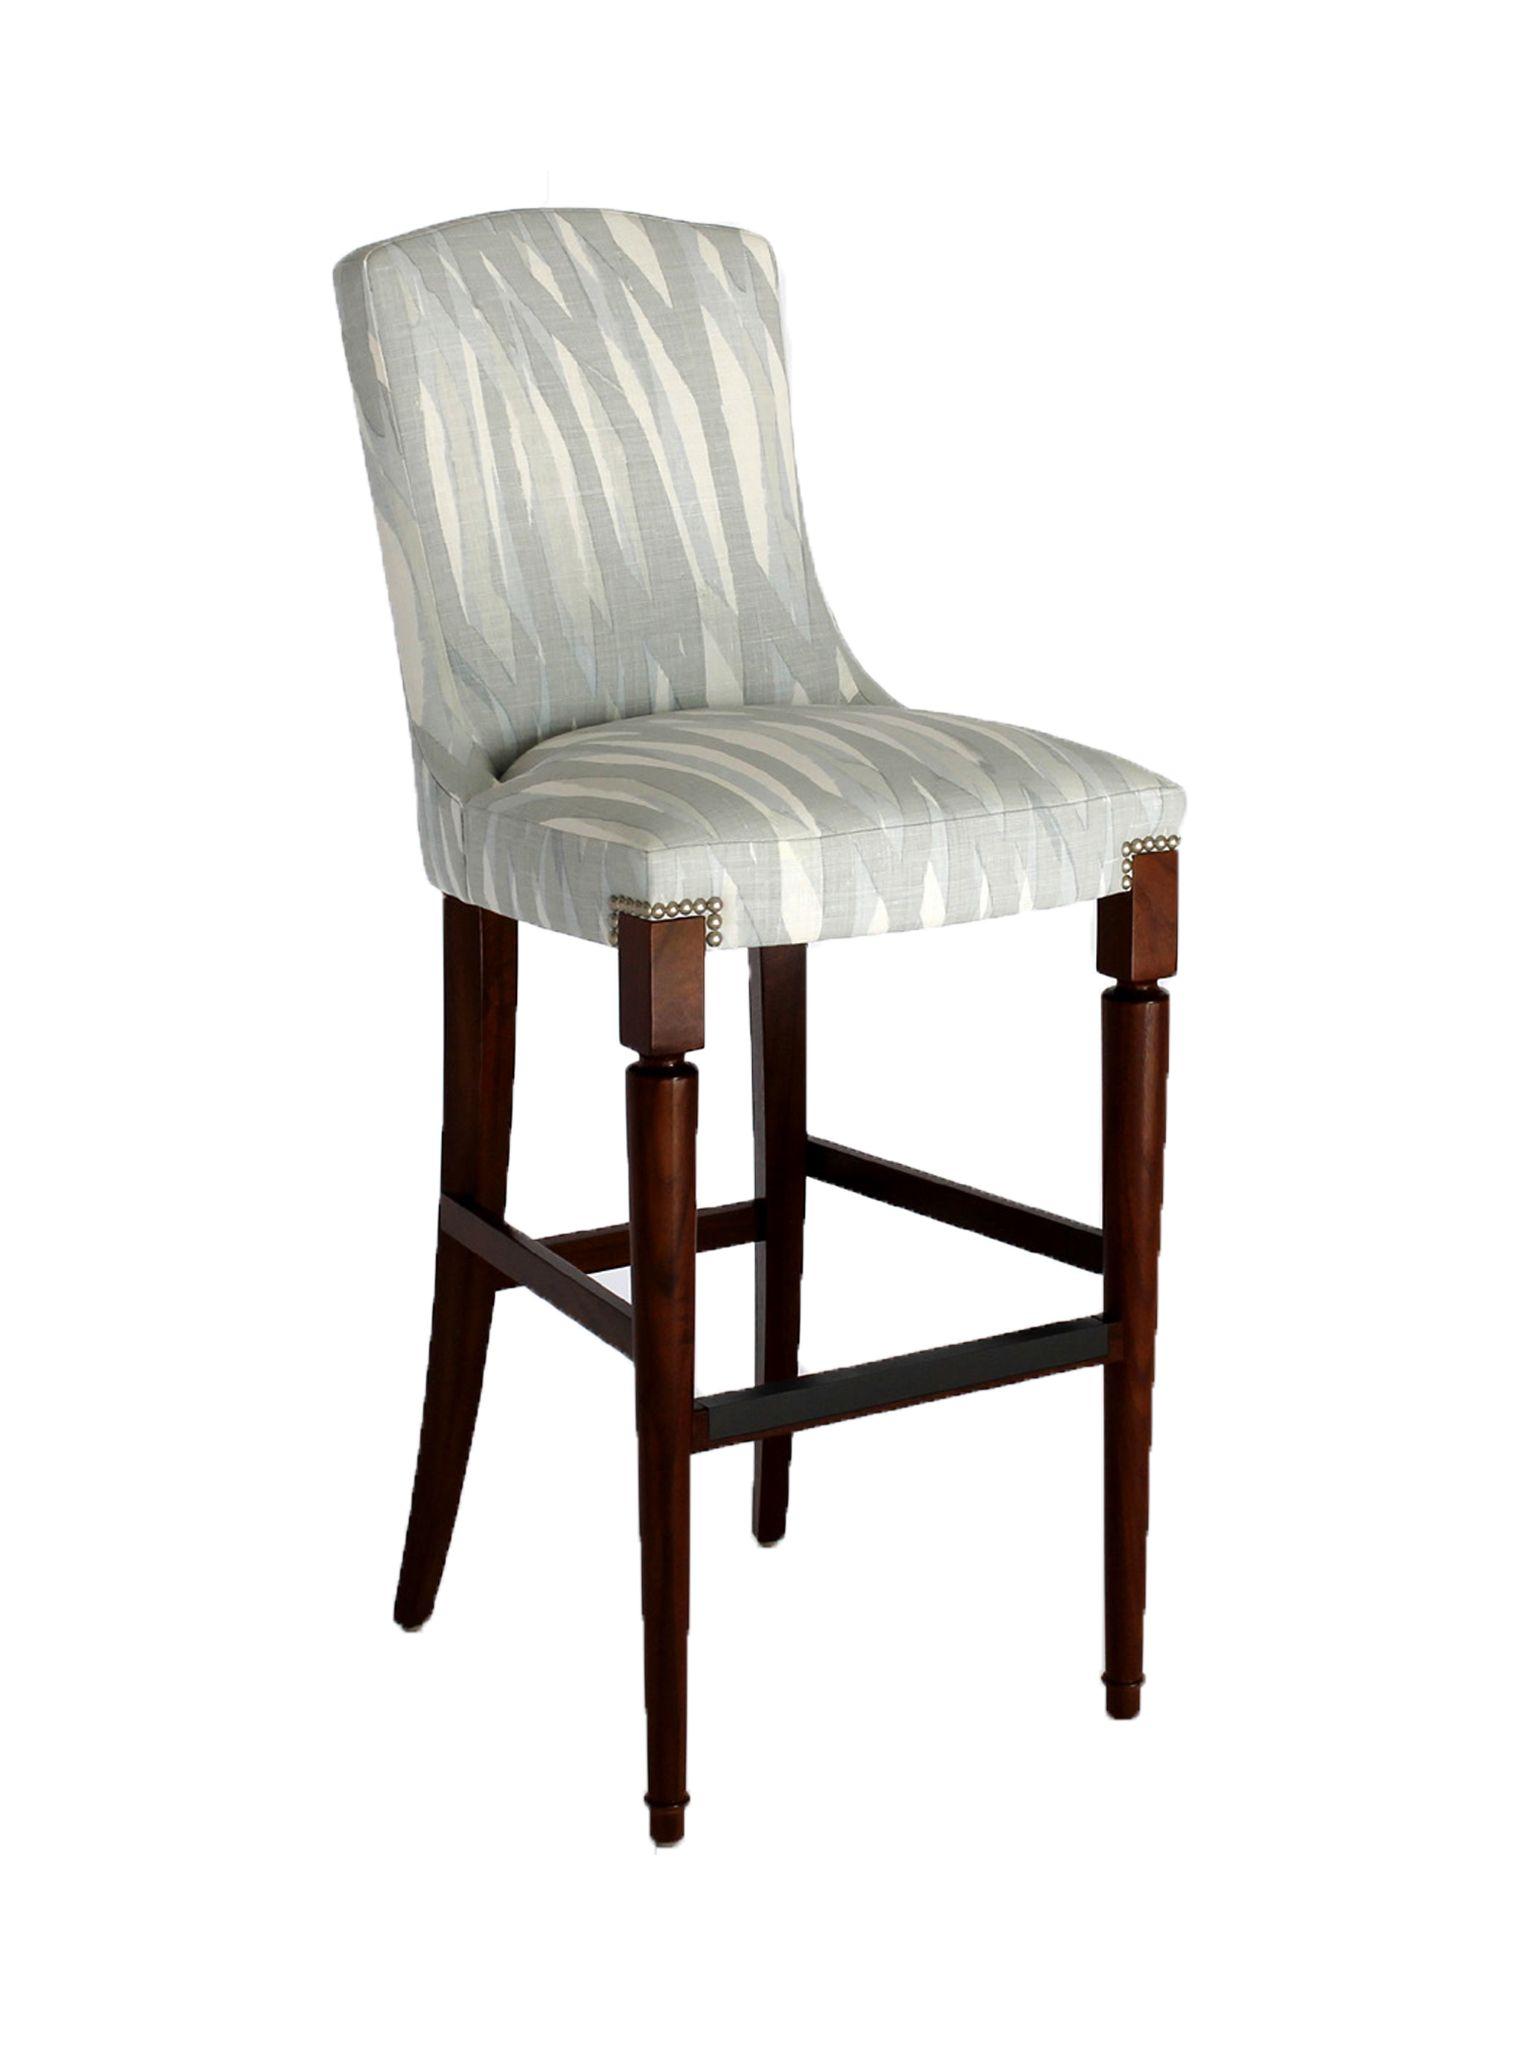 Terrific Delaware Barstool Counterstool Brusic0008 Bar And Inzonedesignstudio Interior Chair Design Inzonedesignstudiocom